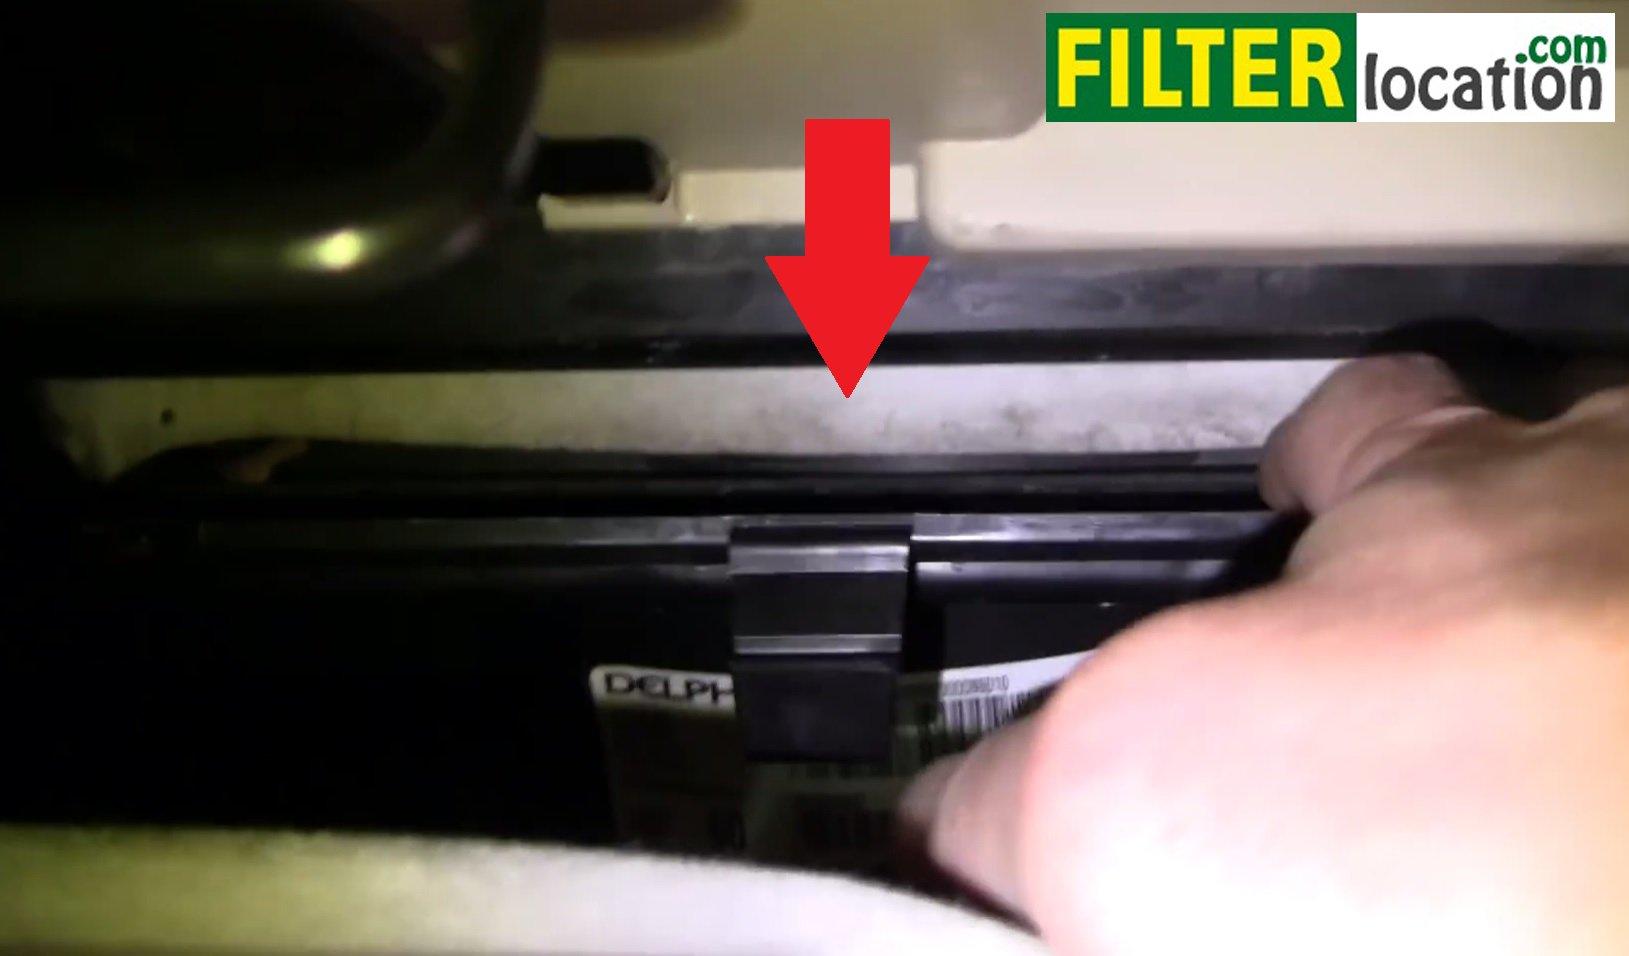 Blazer 2003 chevy trailblazer cabin air filter : DIY, change the cabin air filter on Chevy Cobalt 2005-2010